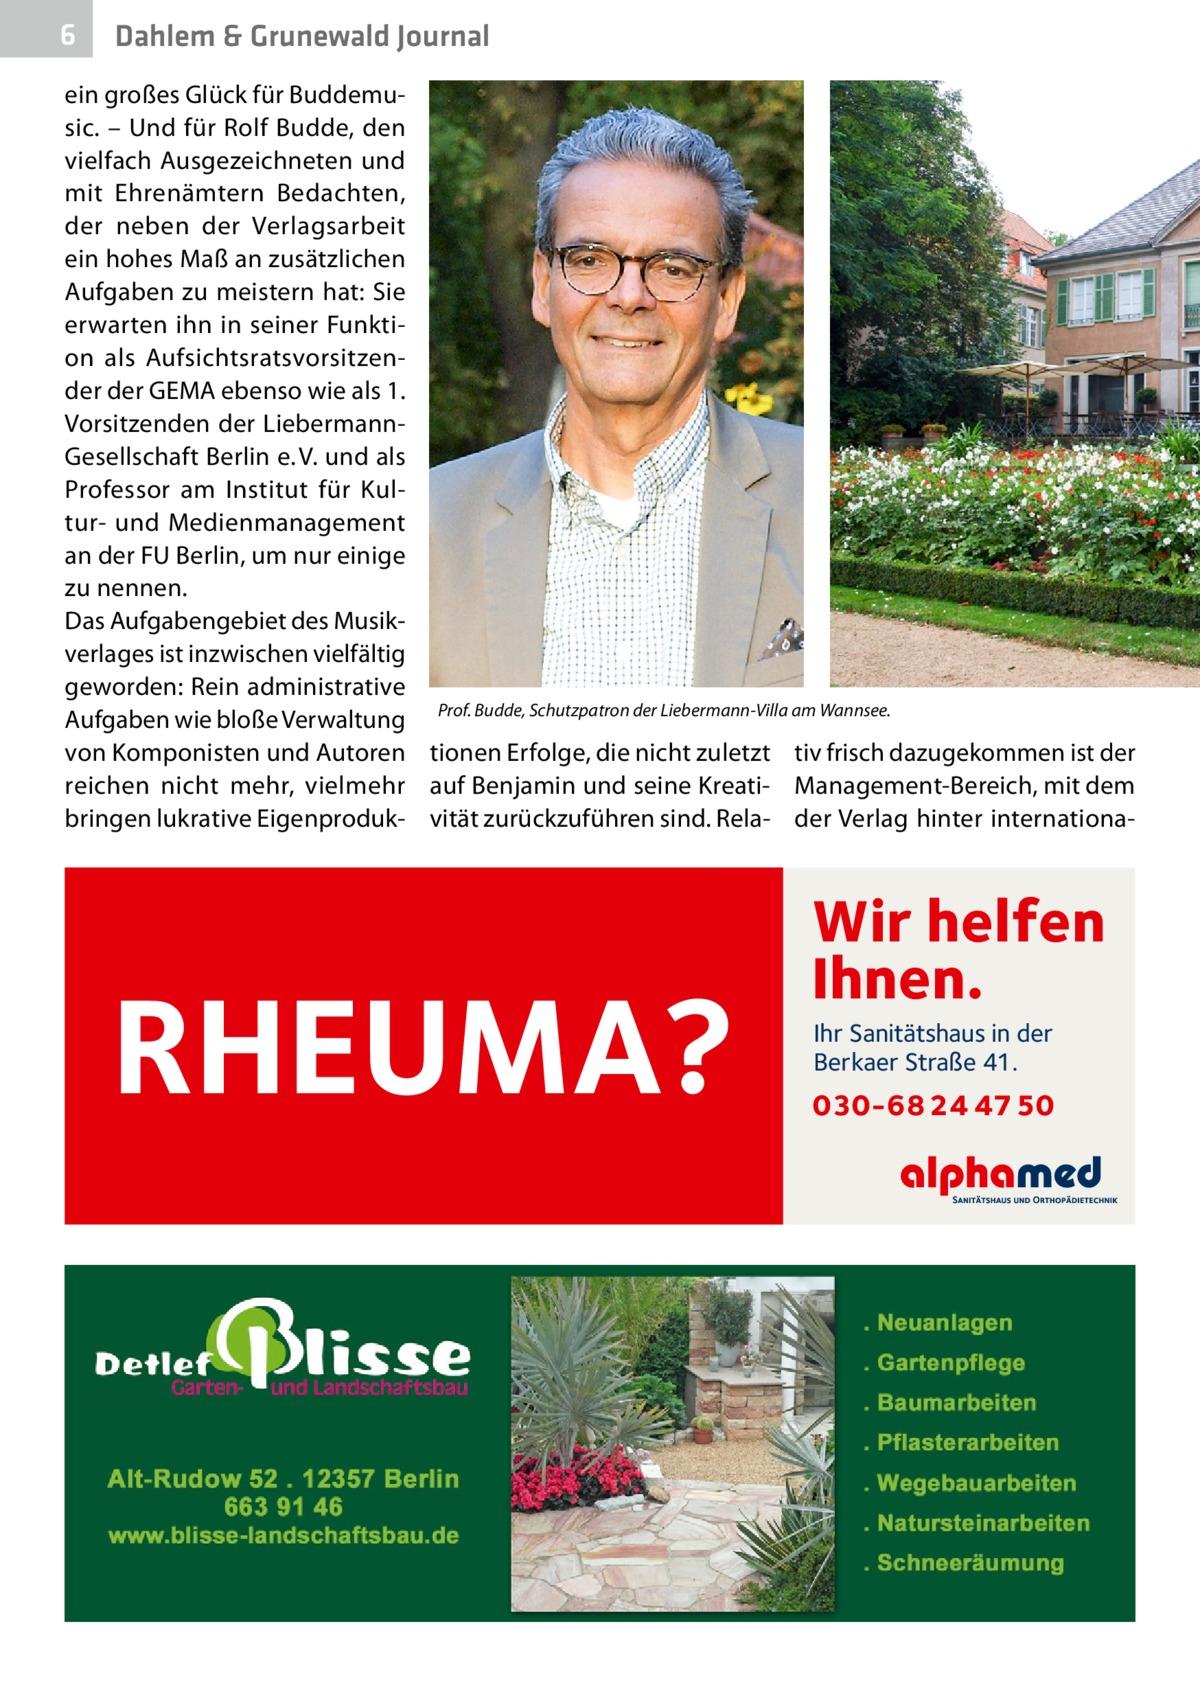 6  Dahlem & Grunewald Journal  ein großes Glück für Buddemusic. – Und für Rolf Budde, den vielfach Ausgezeichneten und mit Ehrenämtern Bedachten, der neben der Verlagsarbeit ein hohes Maß an zusätzlichen Aufgaben zu meistern hat: Sie erwarten ihn in seiner Funktion als Aufsichtsratsvorsitzender der GEMA ebenso wie als 1. Vorsitzenden der LiebermannGesellschaft Berlin e.V. und als Professor am Institut für Kultur- und Medienmanagement an der FU Berlin, um nur einige zu nennen. Das Aufgabengebiet des Musikverlages ist inzwischen vielfältig geworden: Rein administrative Aufgaben wie bloße Verwaltung Prof.Budde, Schutzpatron der Liebermann-Villa am Wannsee.� von Komponisten und Autoren tionen Erfolge, die nicht zuletzt tiv frisch dazugekommen ist der reichen nicht mehr, vielmehr auf Benjamin und seine Kreati- Management-Bereich, mit dem bringen lukrative Eigenproduk- vität zurückzuführen sind. Rela- der Verlag hinter internationa RHEUMA?  Wir helfen Ihnen. Ihr Sanitätshaus in der Berkaer Straße 41.  030-68 24 47 50